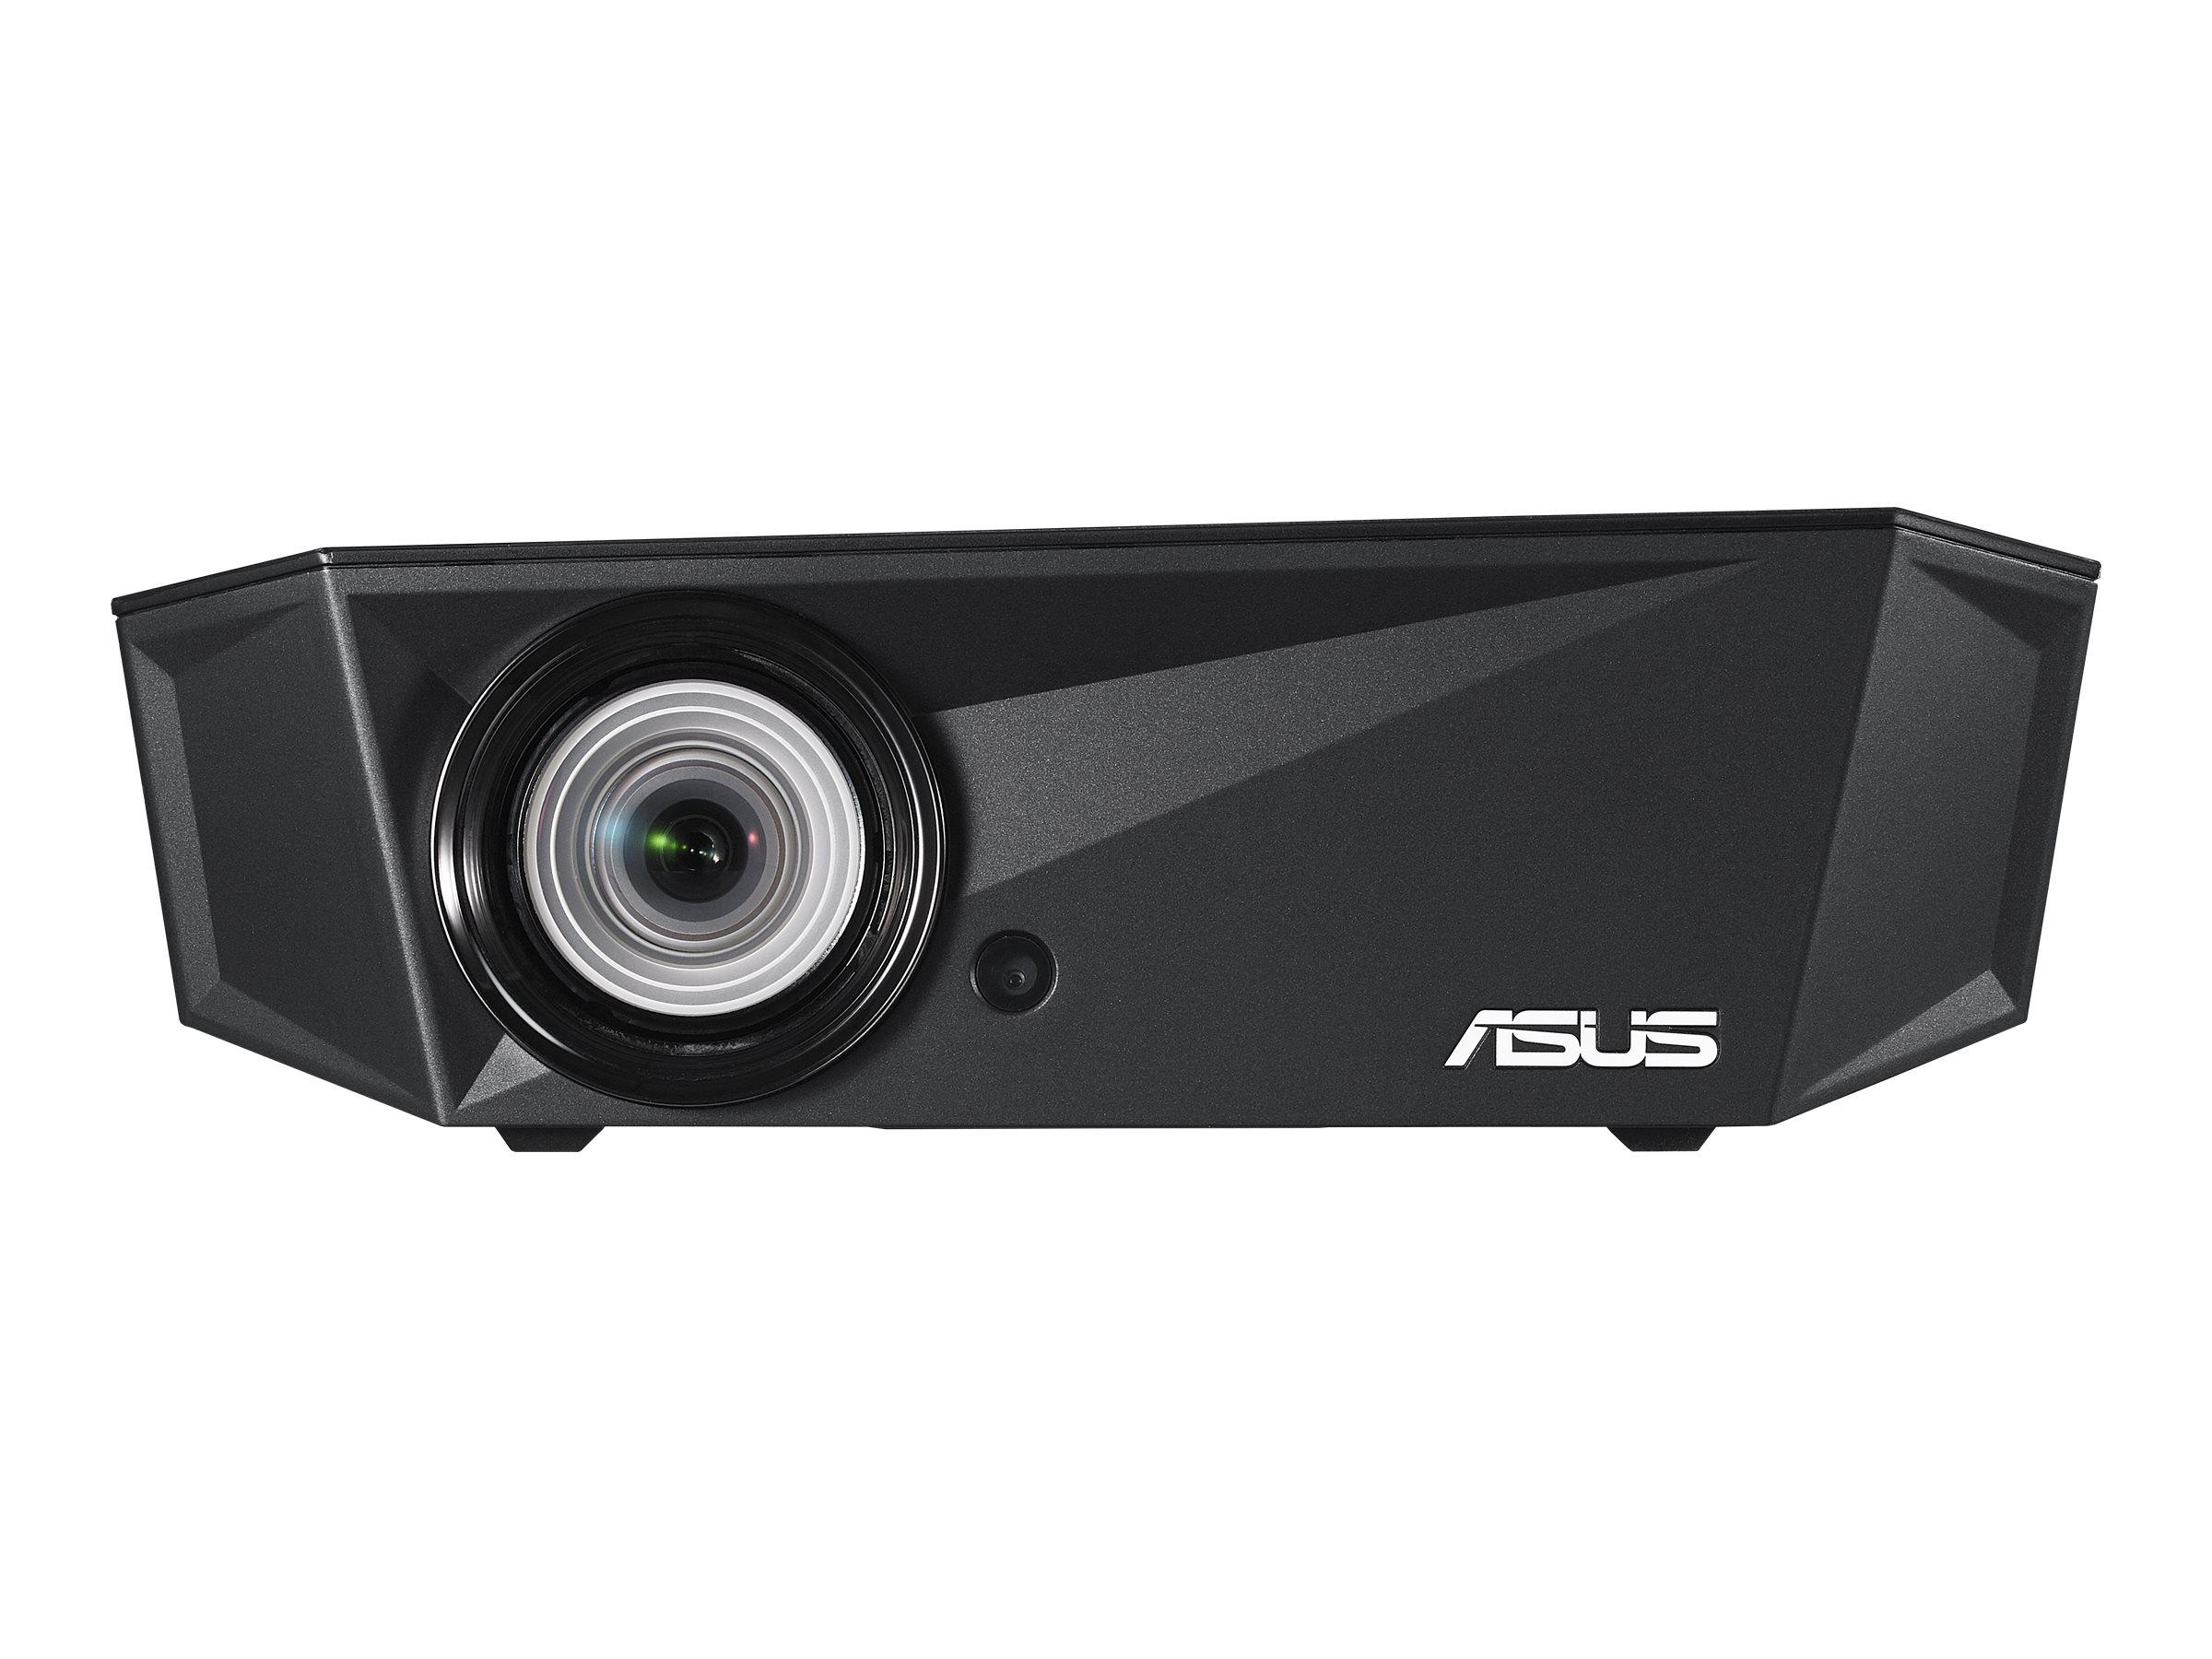 ASUS F1 - DLP-Projektor - RGB LED - 3D - 3000 lm - Full HD (1920 x 1080)